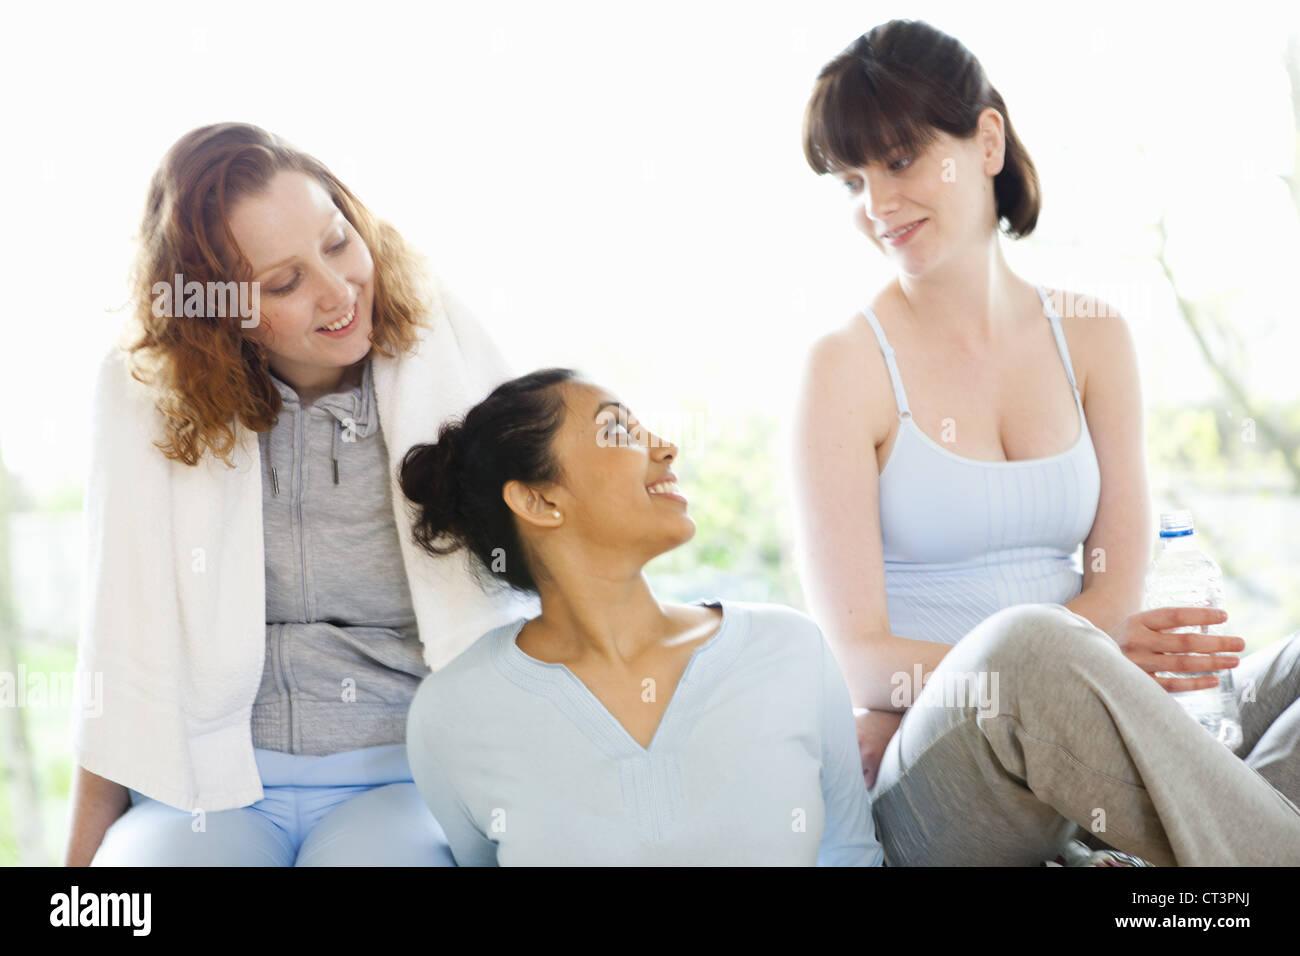 Smiling women talking in gym - Stock Image